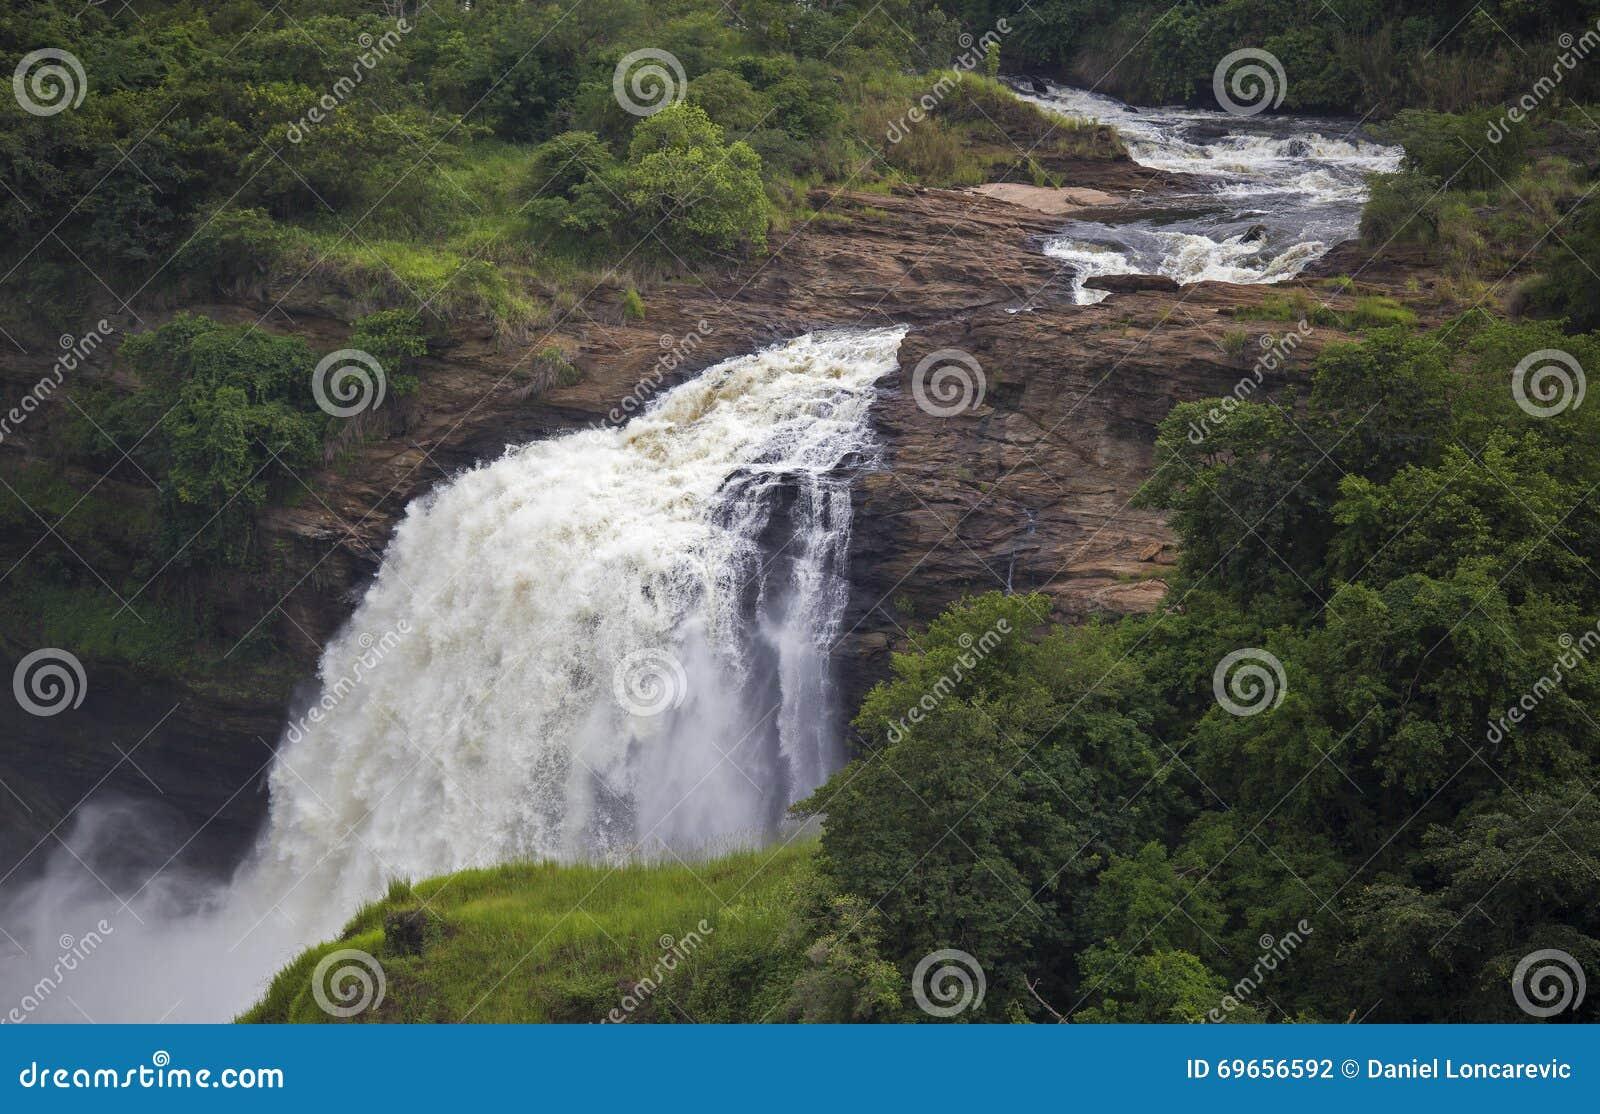 Водопад Murchison Falls